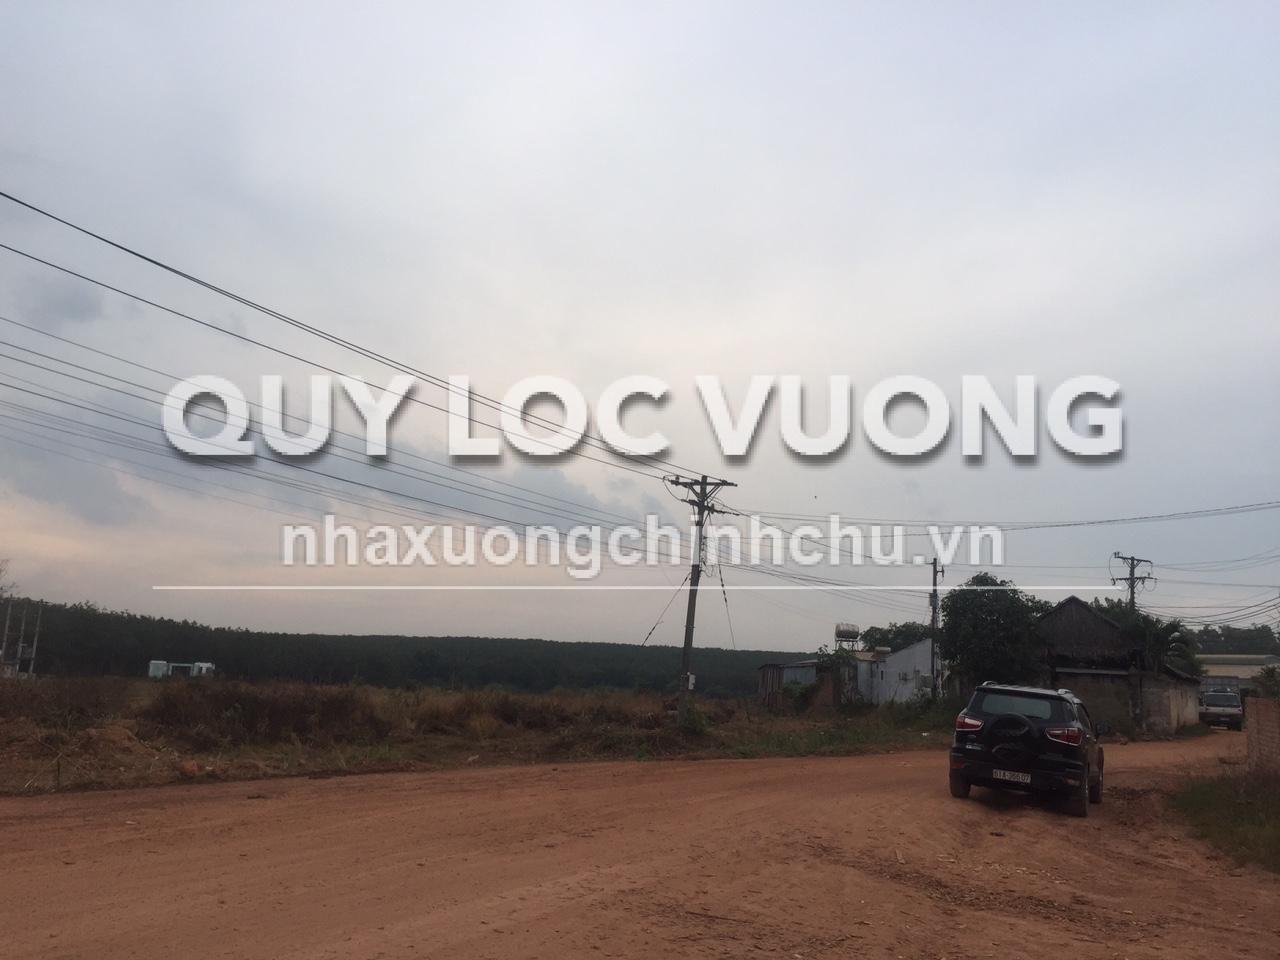 Bán đất trống xây xưởng 52.000m2 ở xã Phước Hòa Phú Giáo Bình Dương